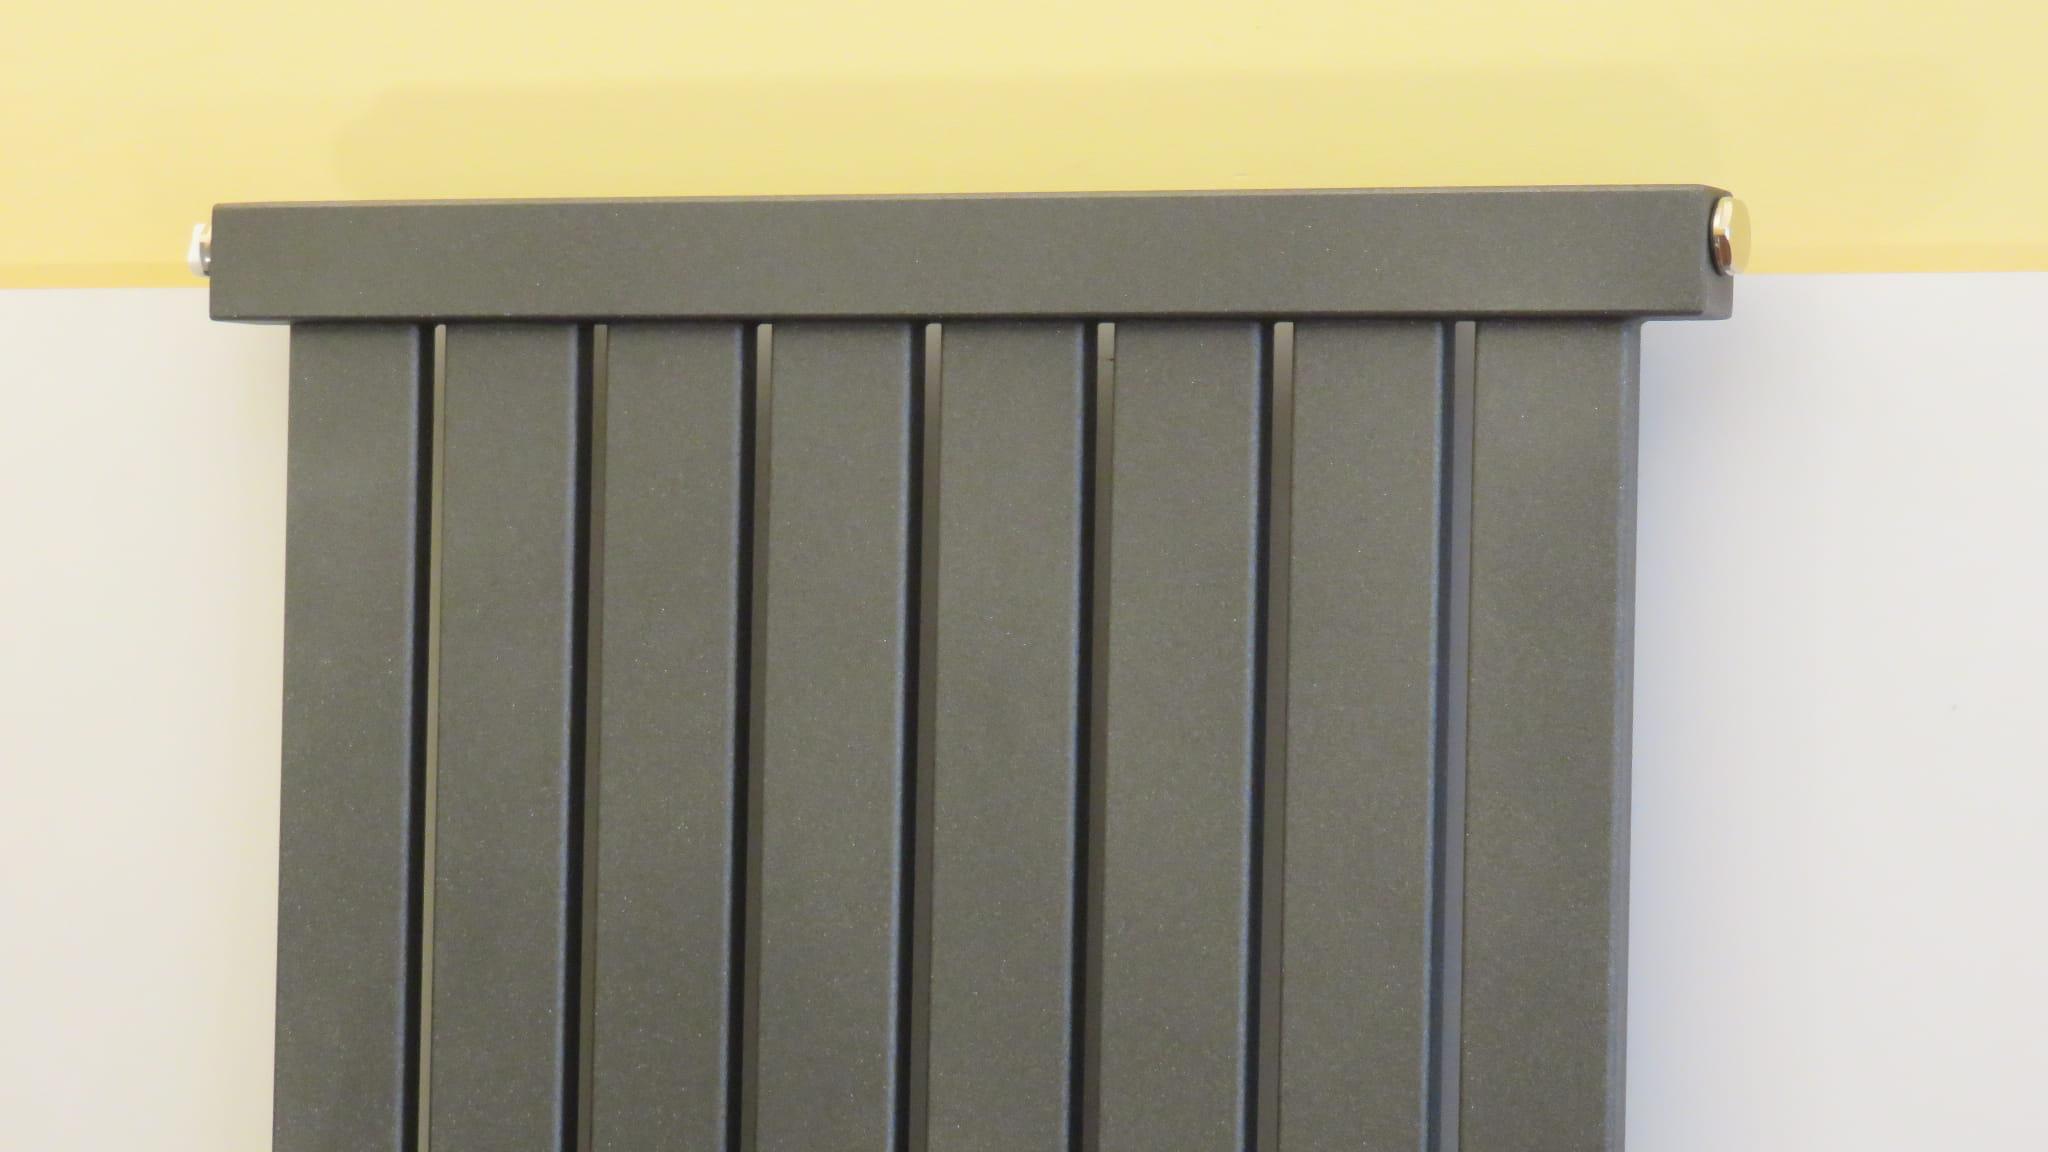 Grzejnik Dekoracyjny Pionowy 1500x400 Grafit Vertical 2